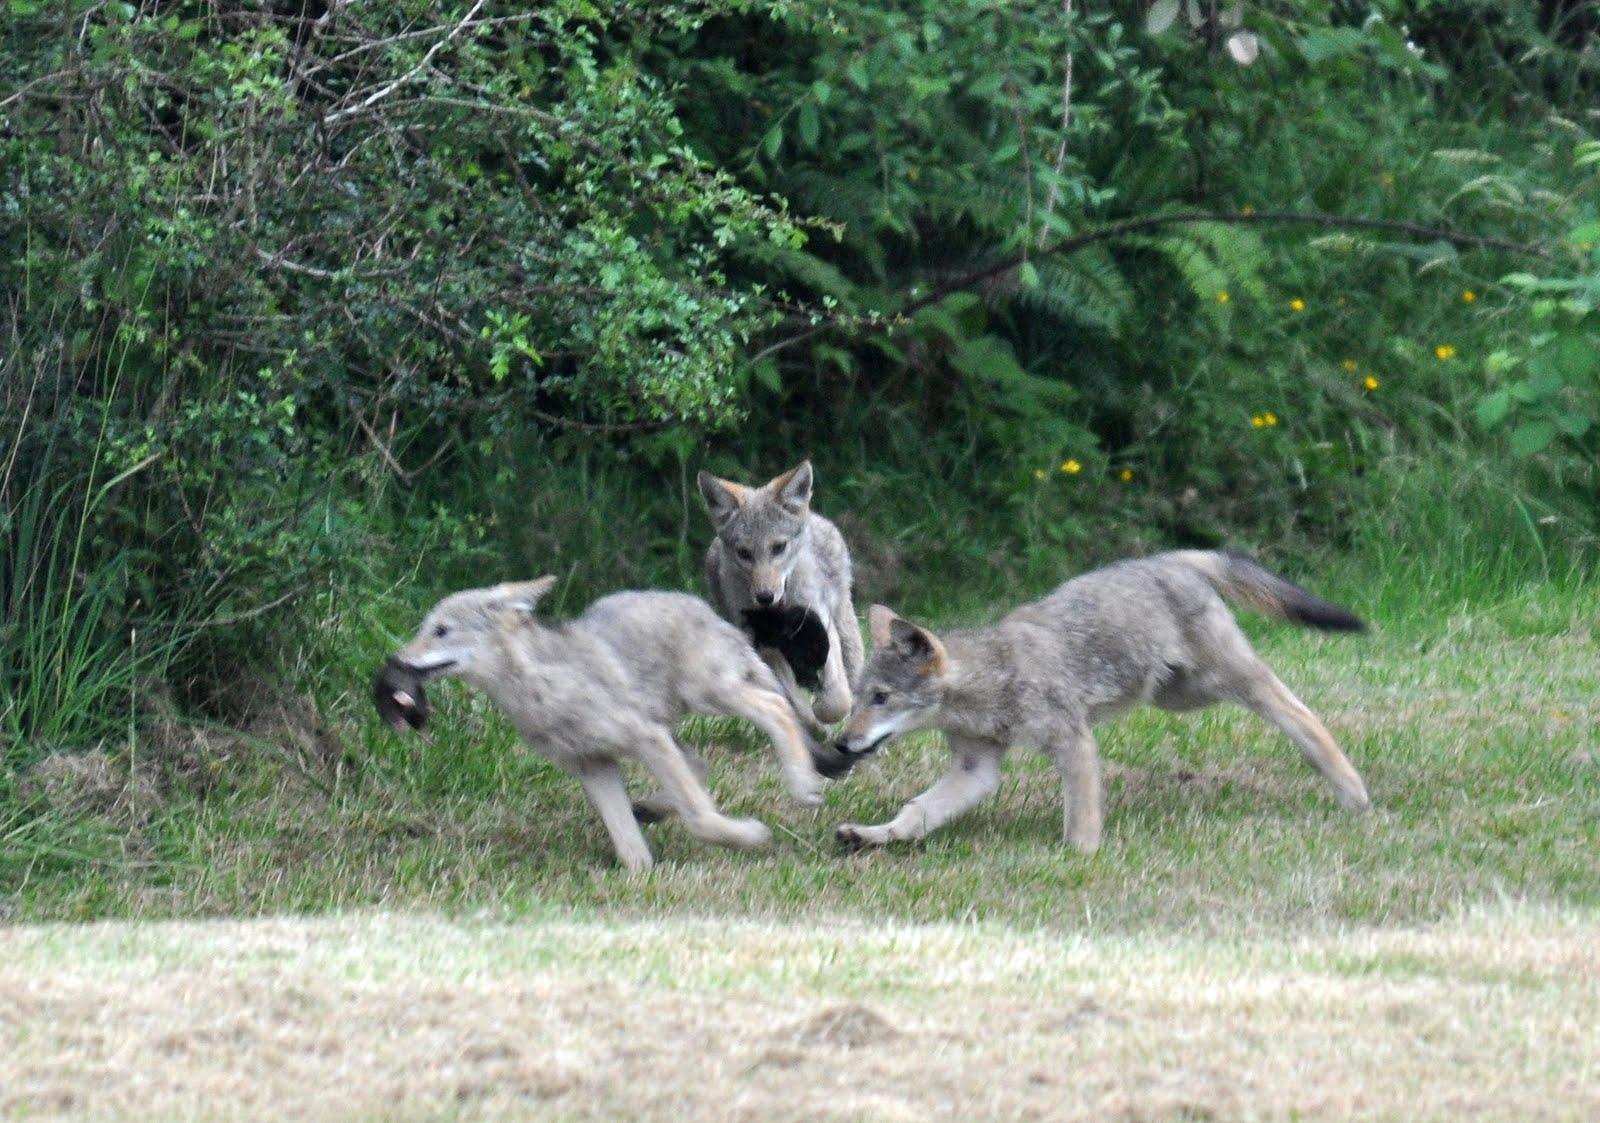 http://4.bp.blogspot.com/_0uxxQY4OUAk/TDOAJWhVkoI/AAAAAAAAAjc/EcPQcrtAmWY/s1600/coyote2.jpg